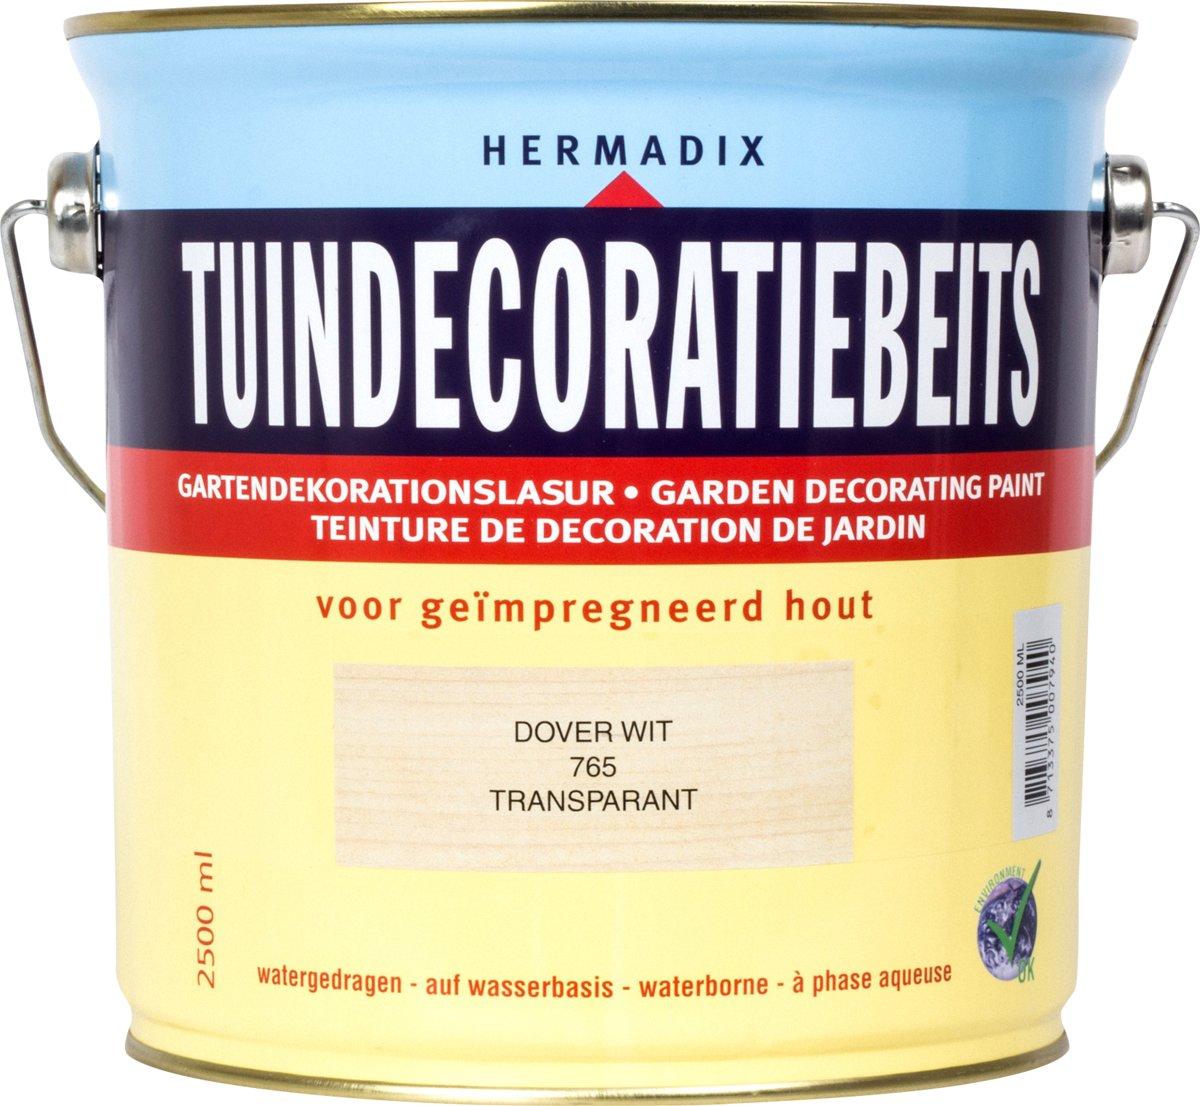 Hermadix Tuindecoratiebeits 765 Dover Wit - 2.5 l kopen